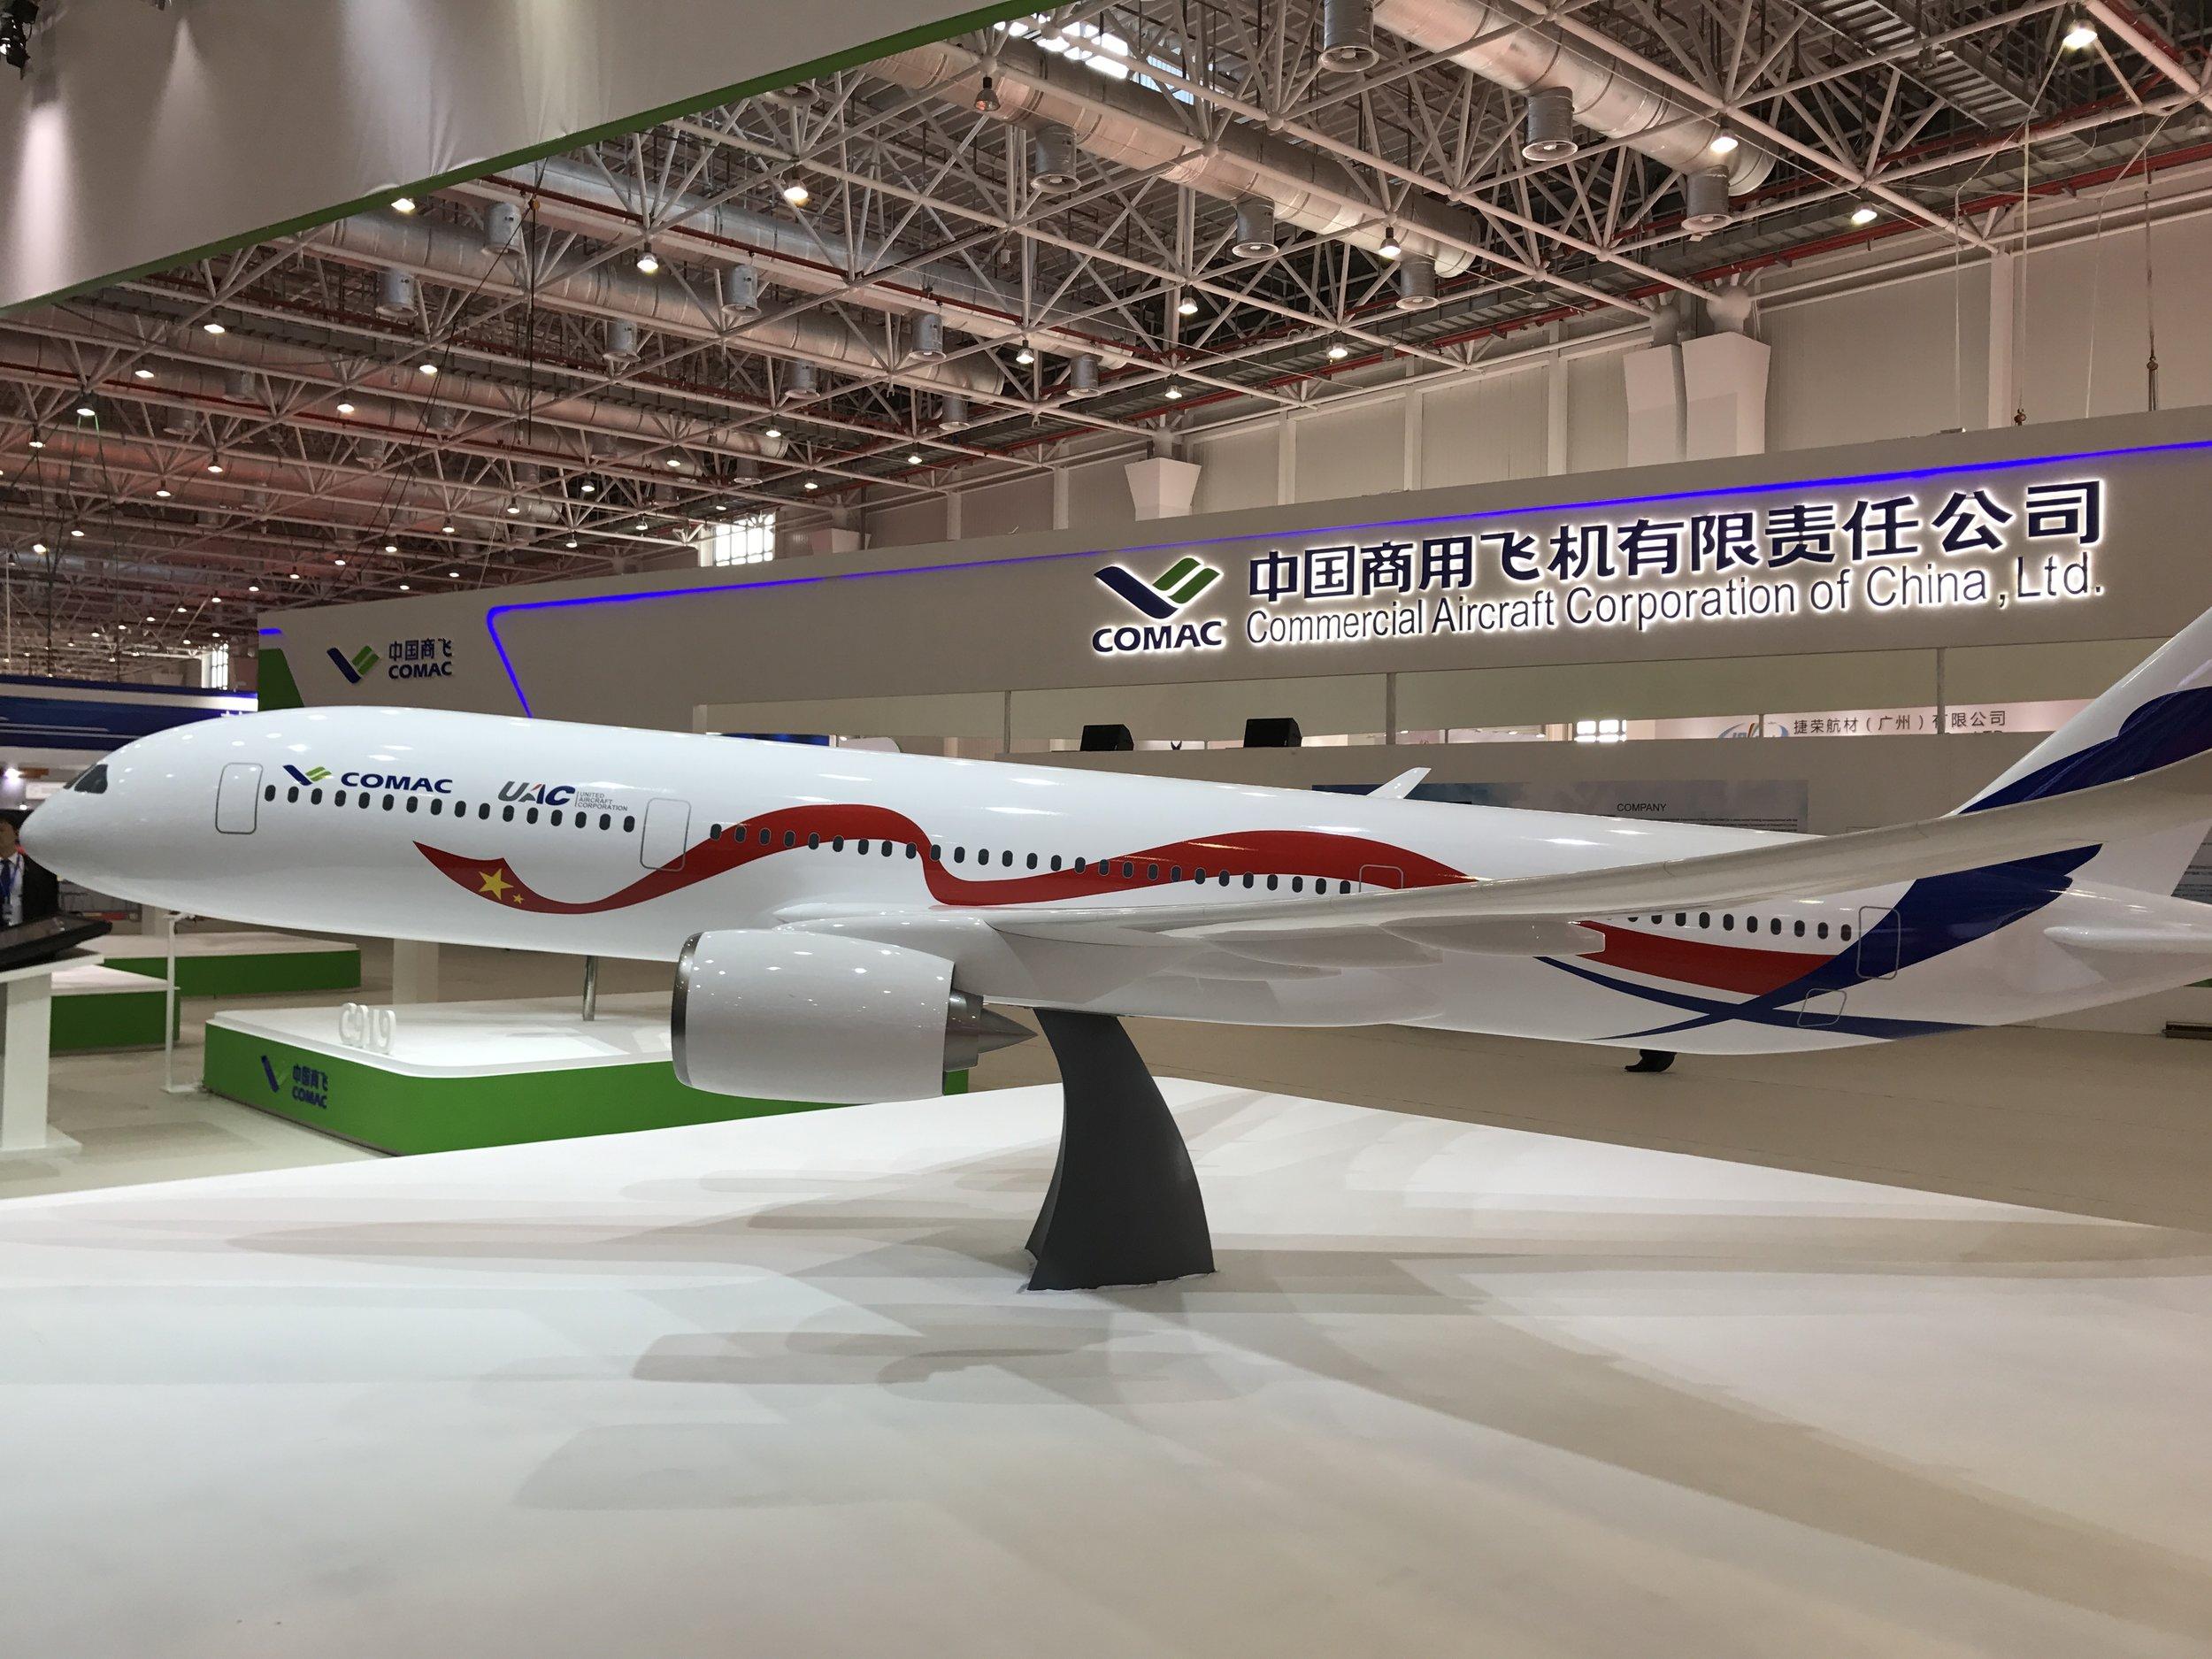 China's wide body future - COMAC's twin aisle development